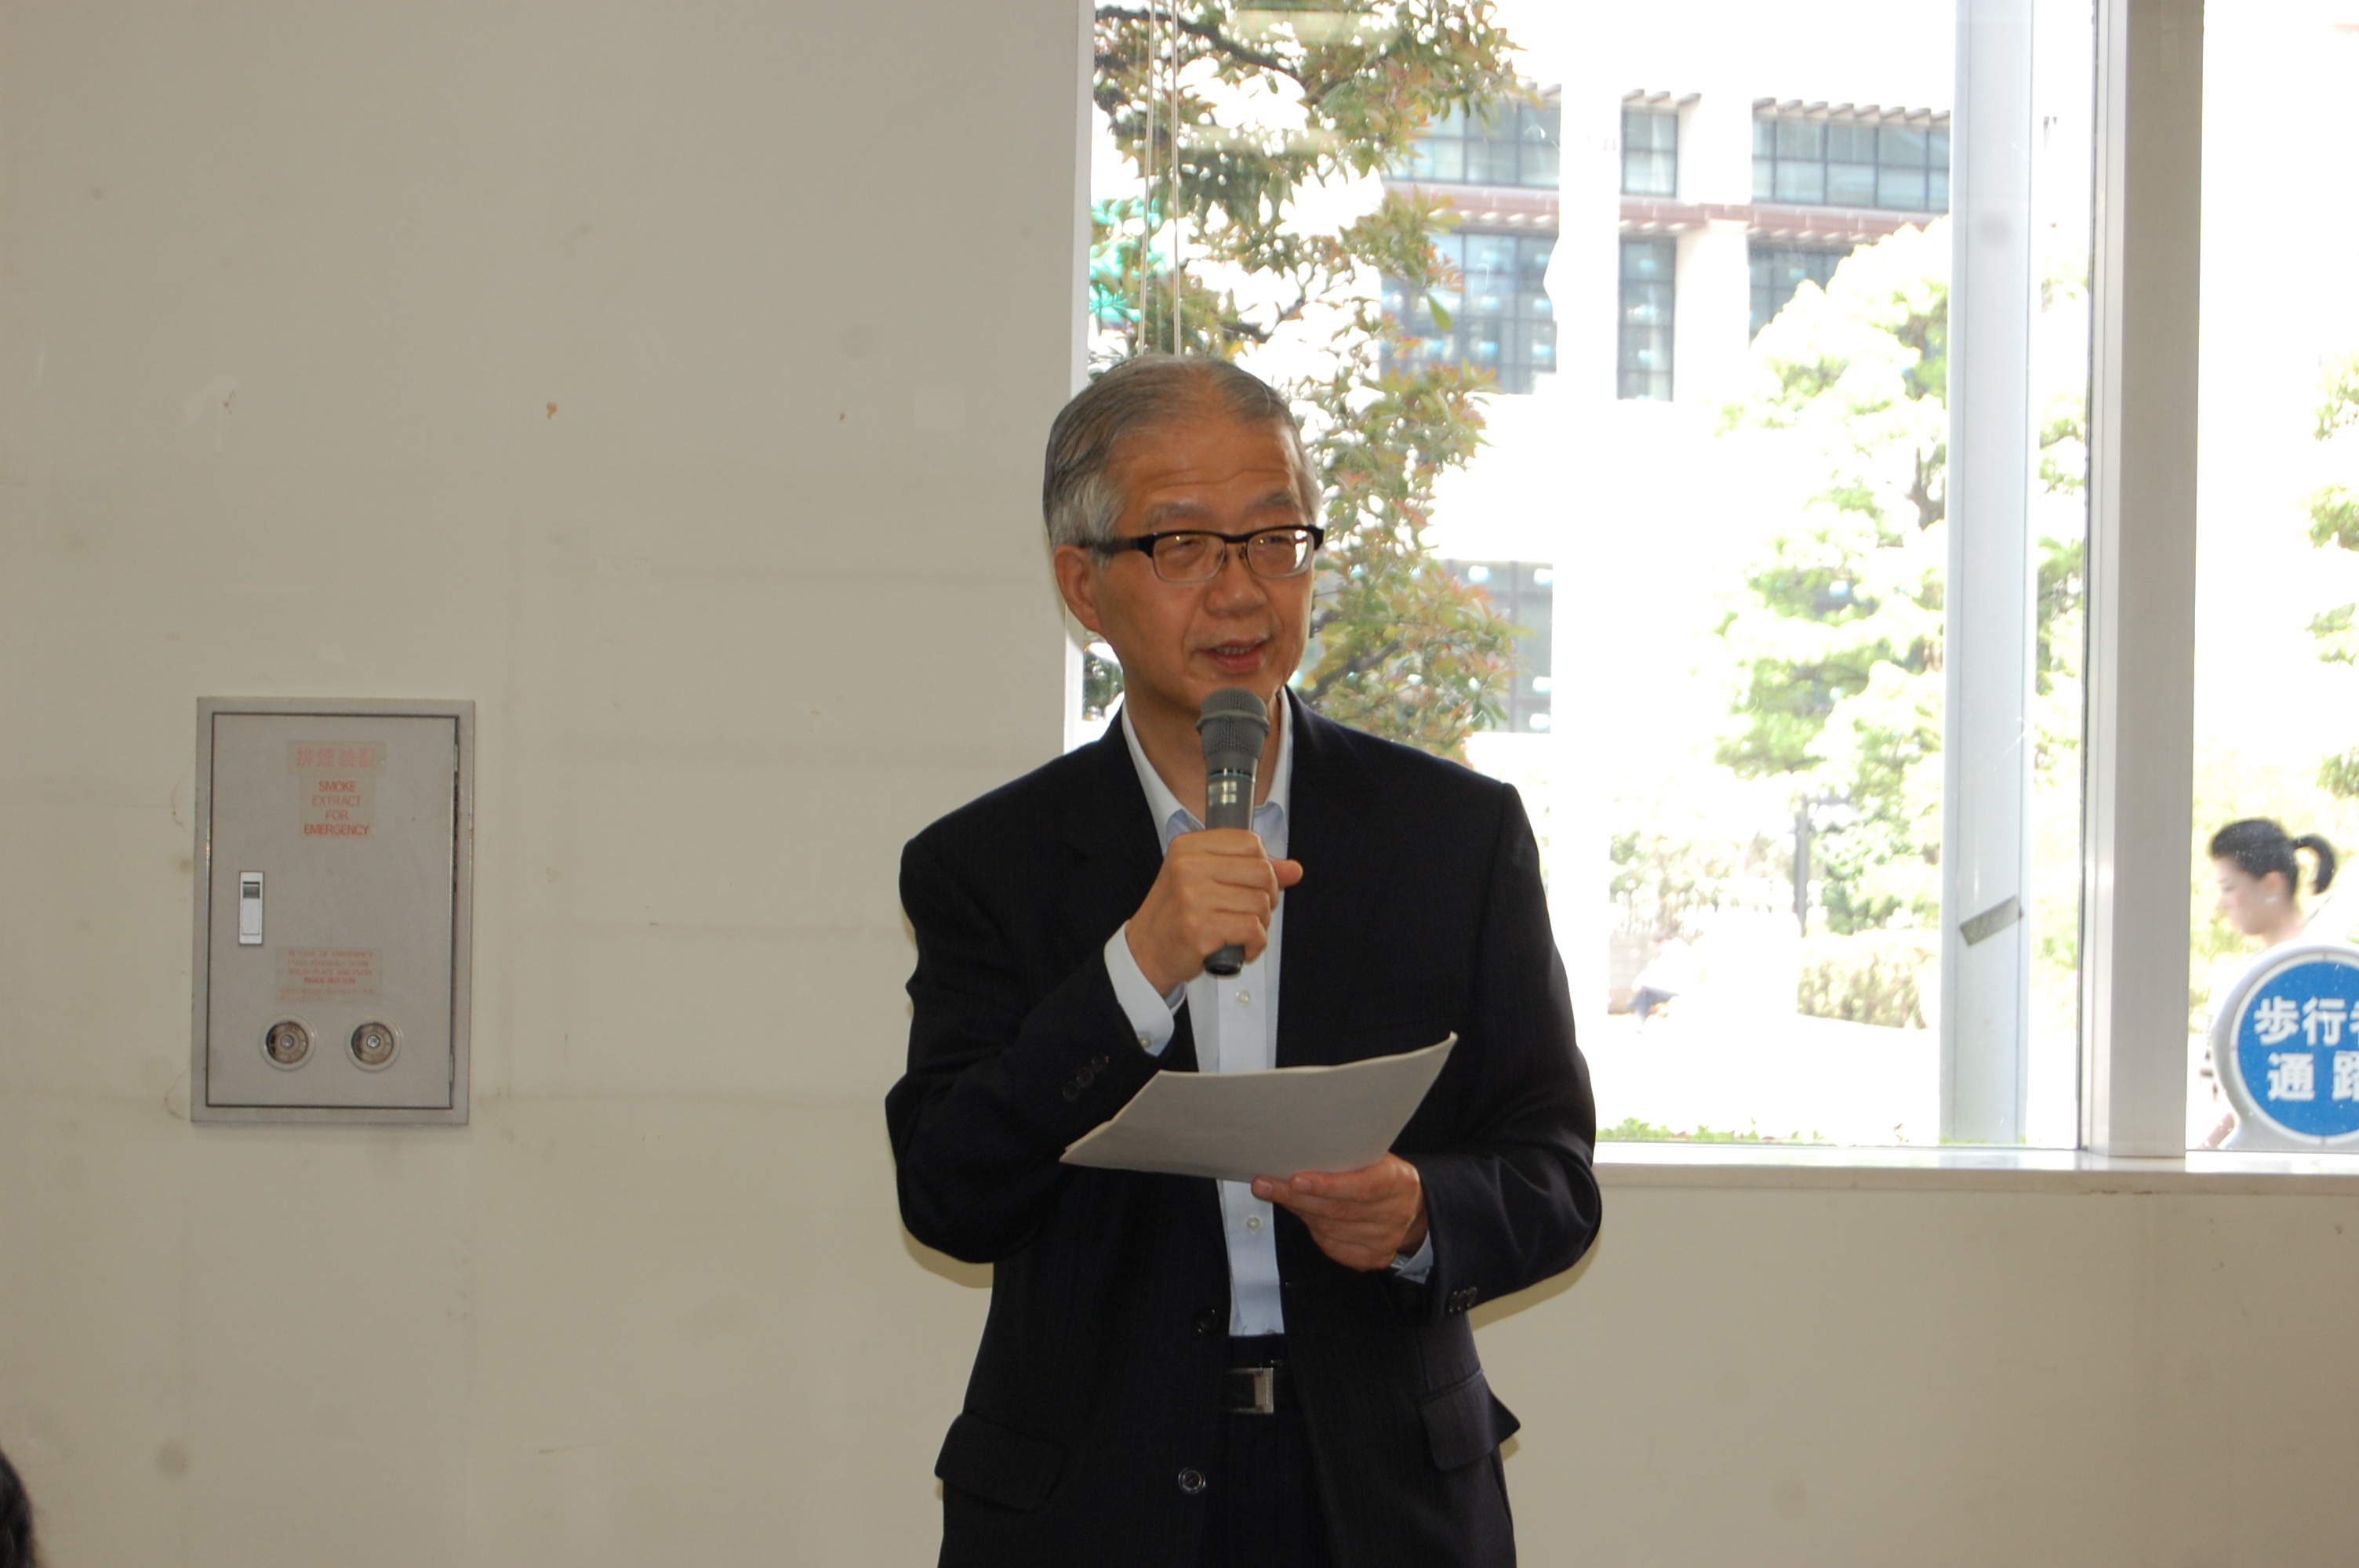 日本エシカル推進協議会設立1周年記念総会 開催結果記録